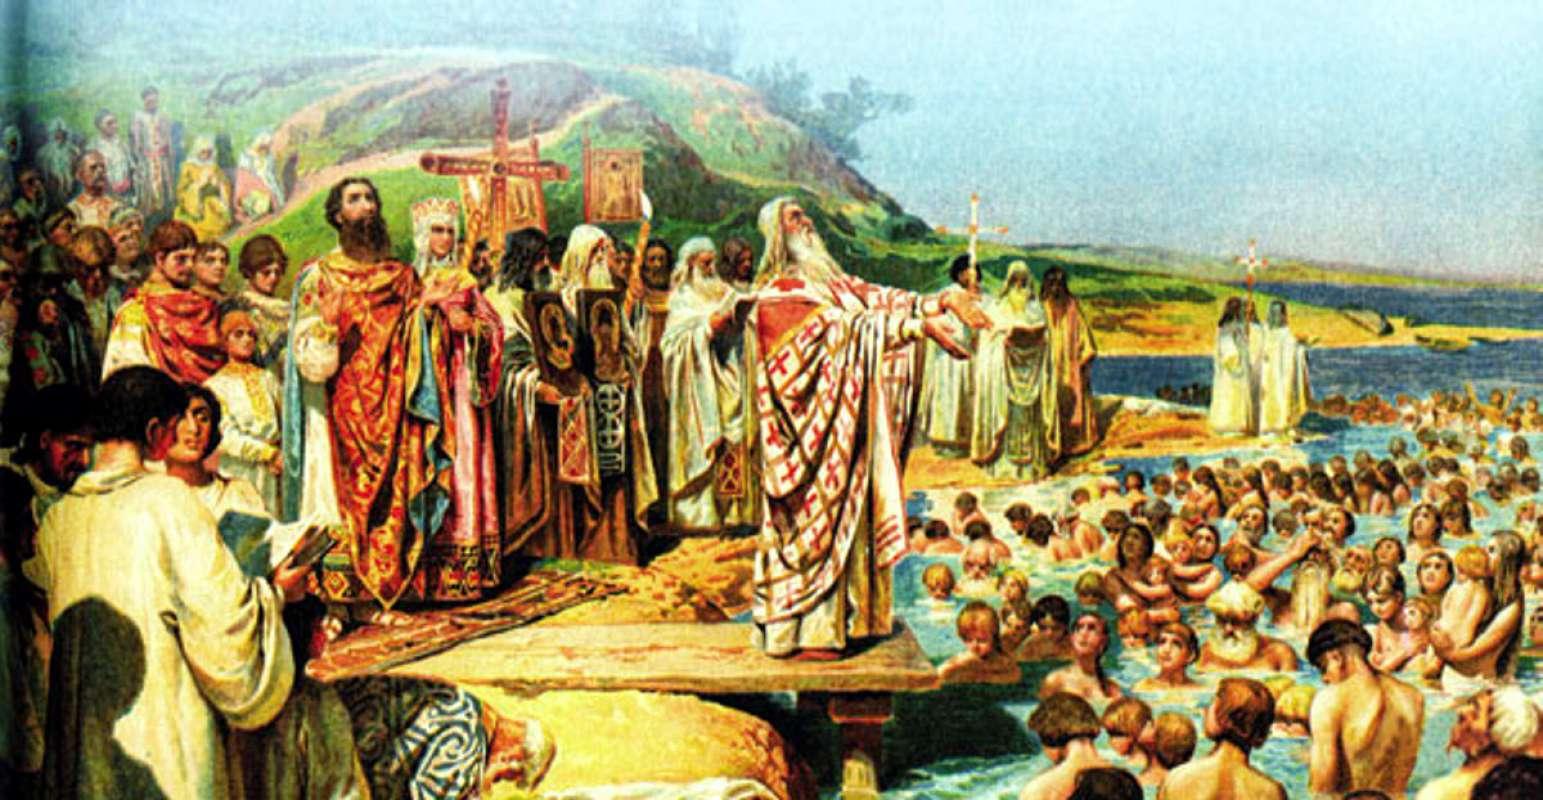 Крест против Перуна - почему русичи выбрали веру врагов?